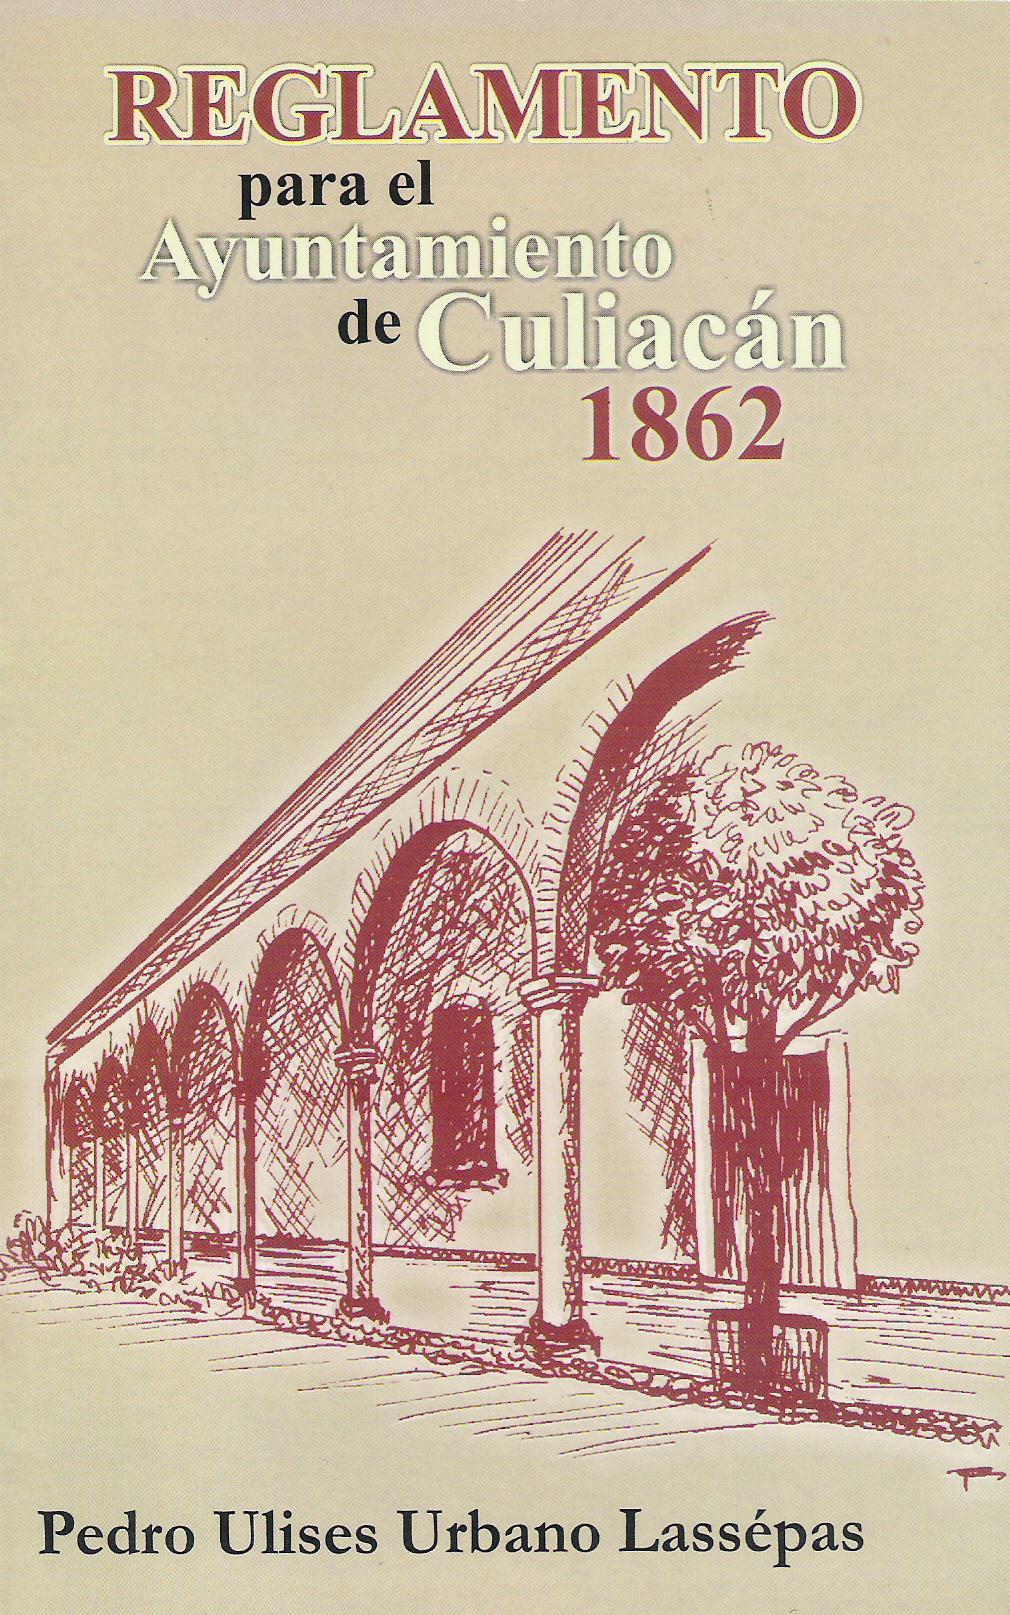 Reglamento para el Ayuntamiento de Culiacn 1862